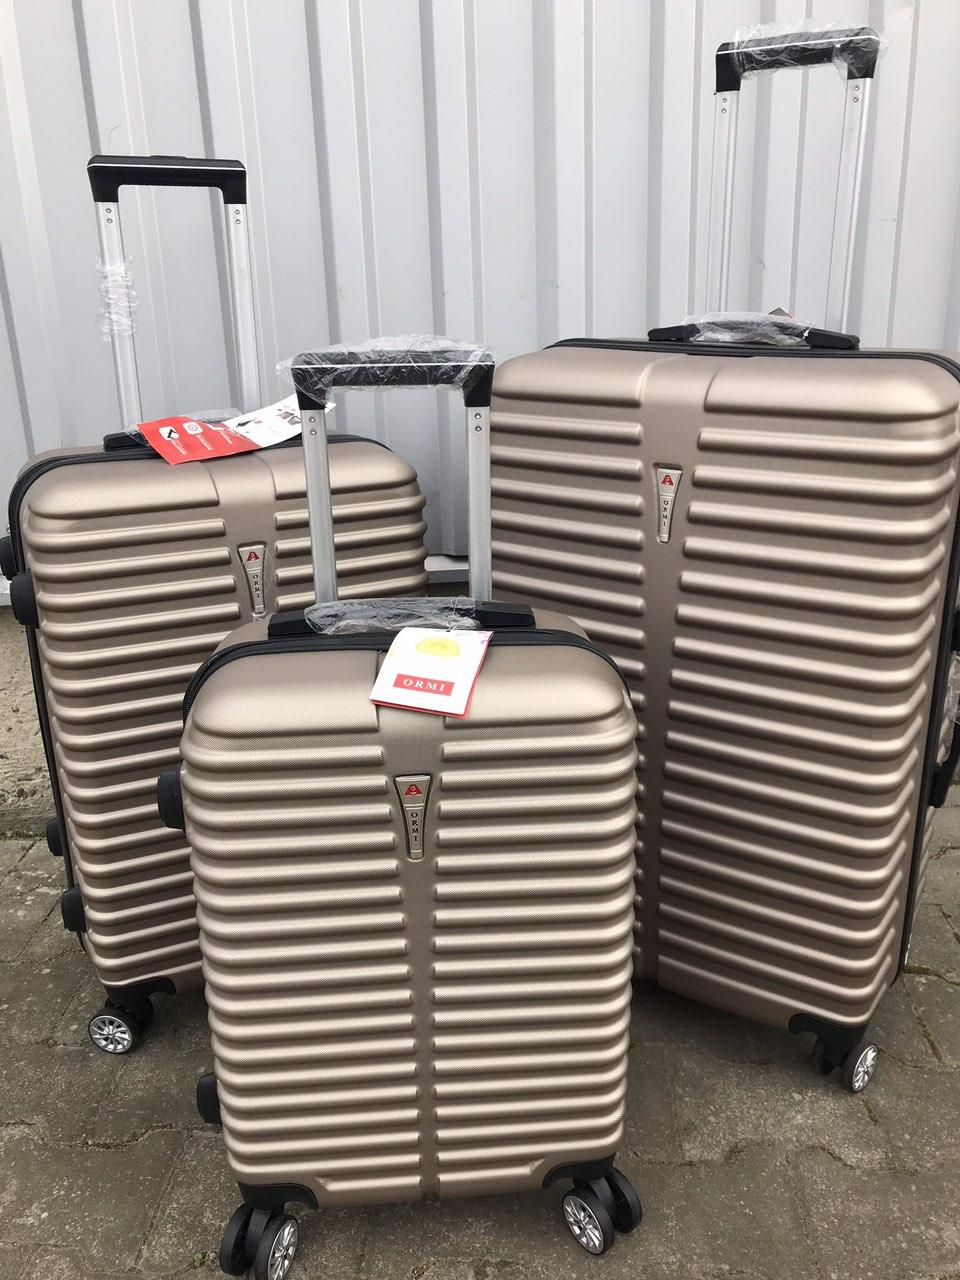 Малый пластиковый чемодан Ormi 8009 на 4 колесах золотистый, фото 1